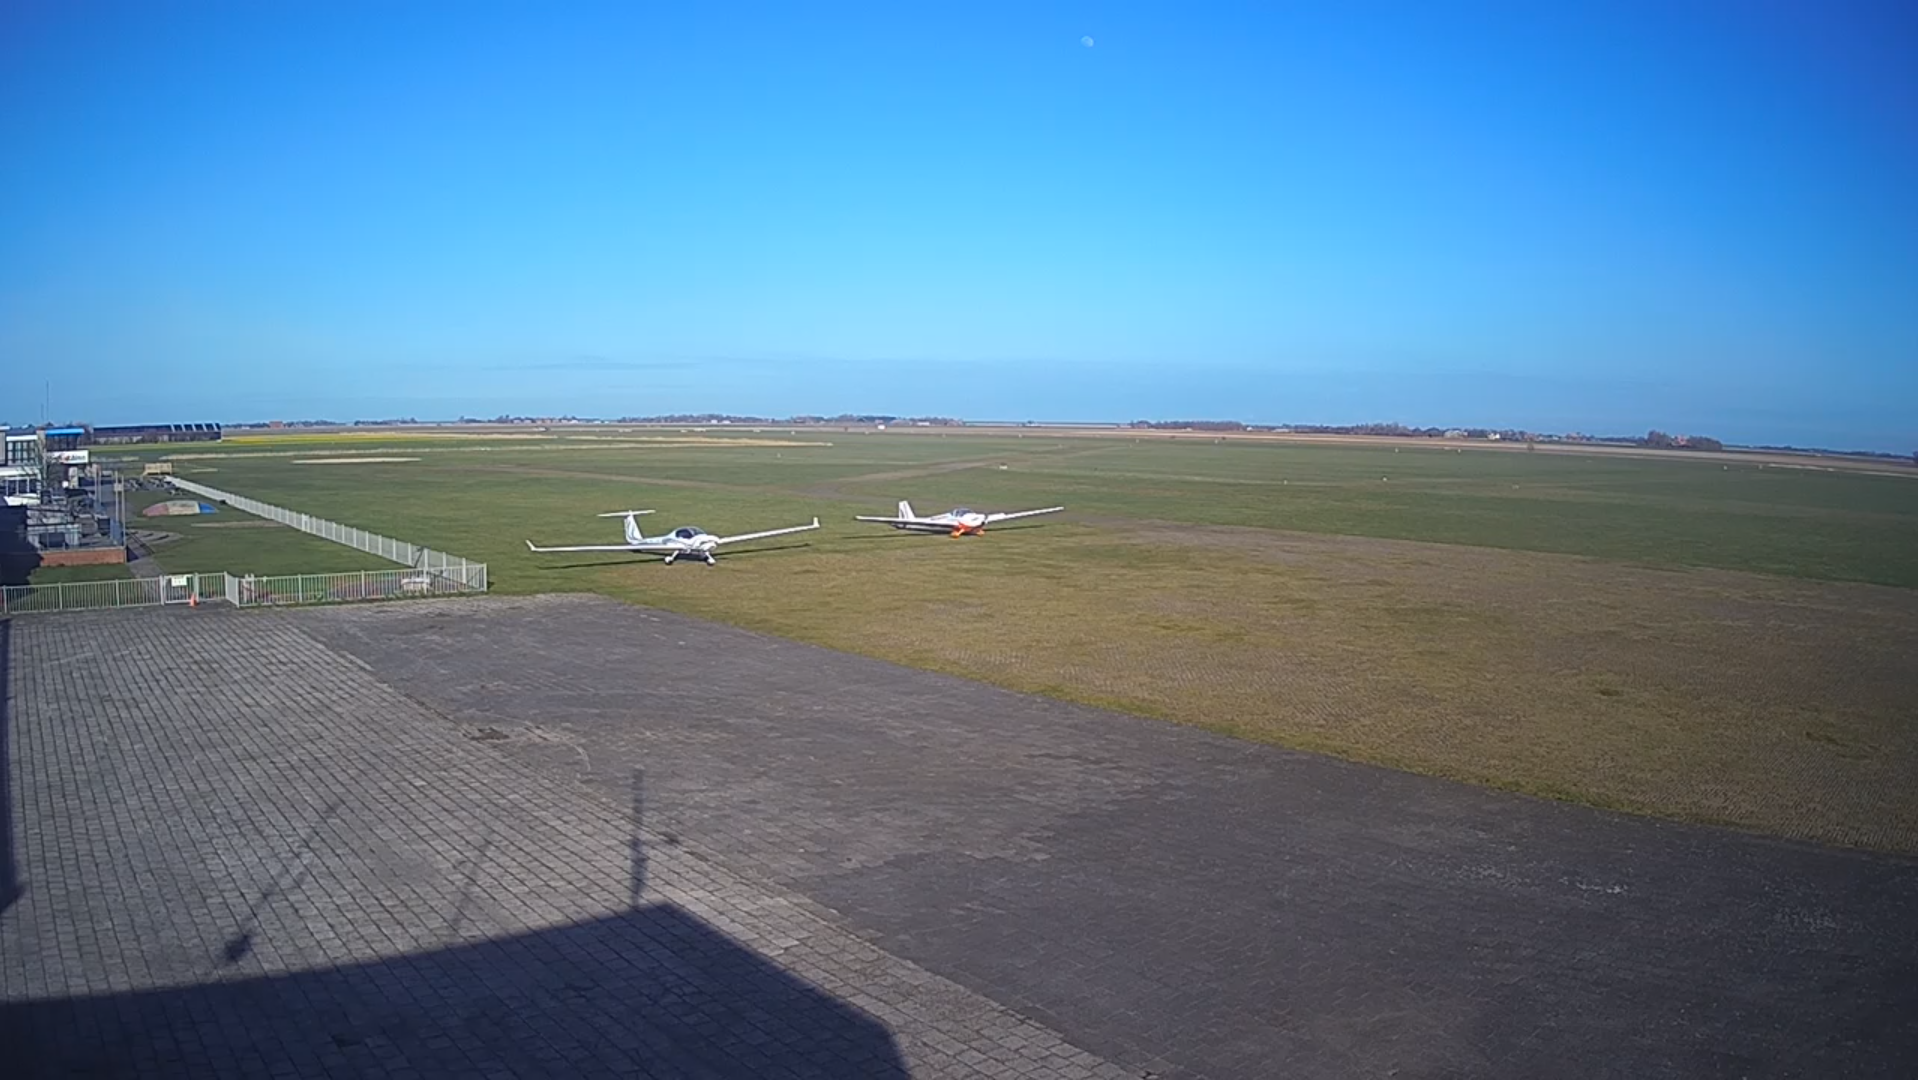 Livebeelden van het vliegveld op Texel VVV Texel